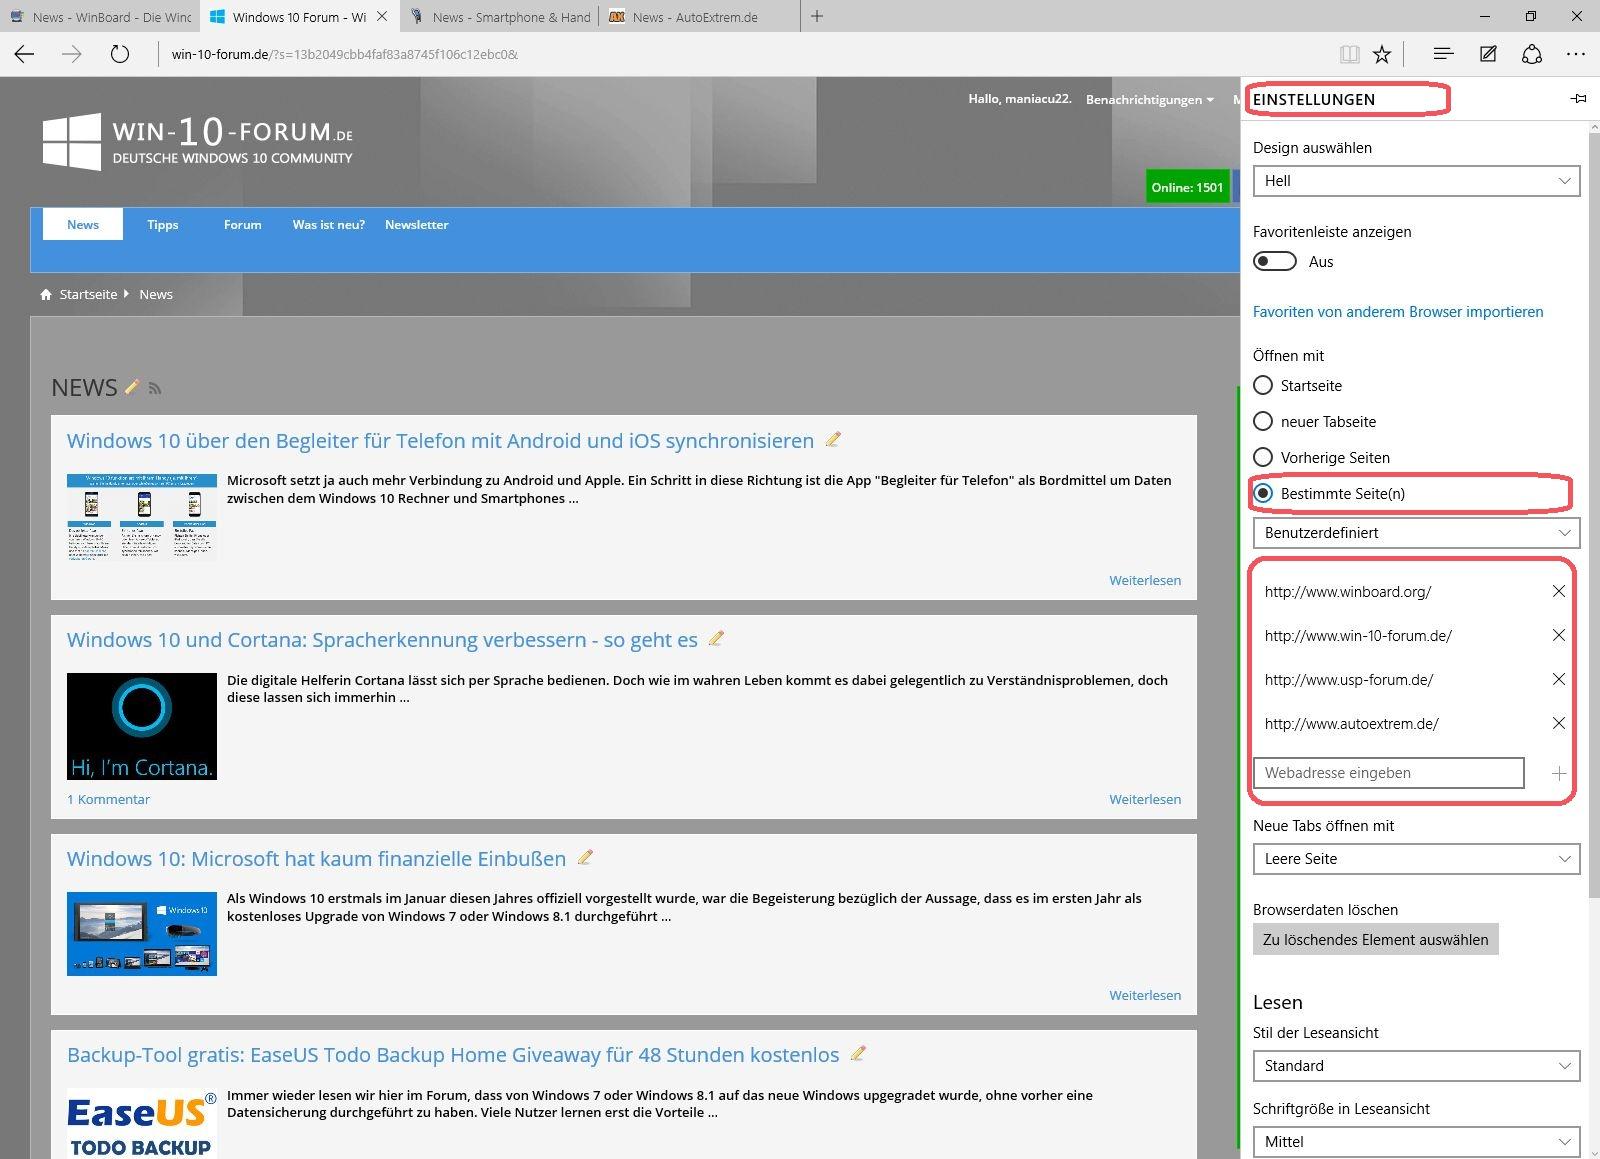 Edge-Browser-Webseiten.jpg